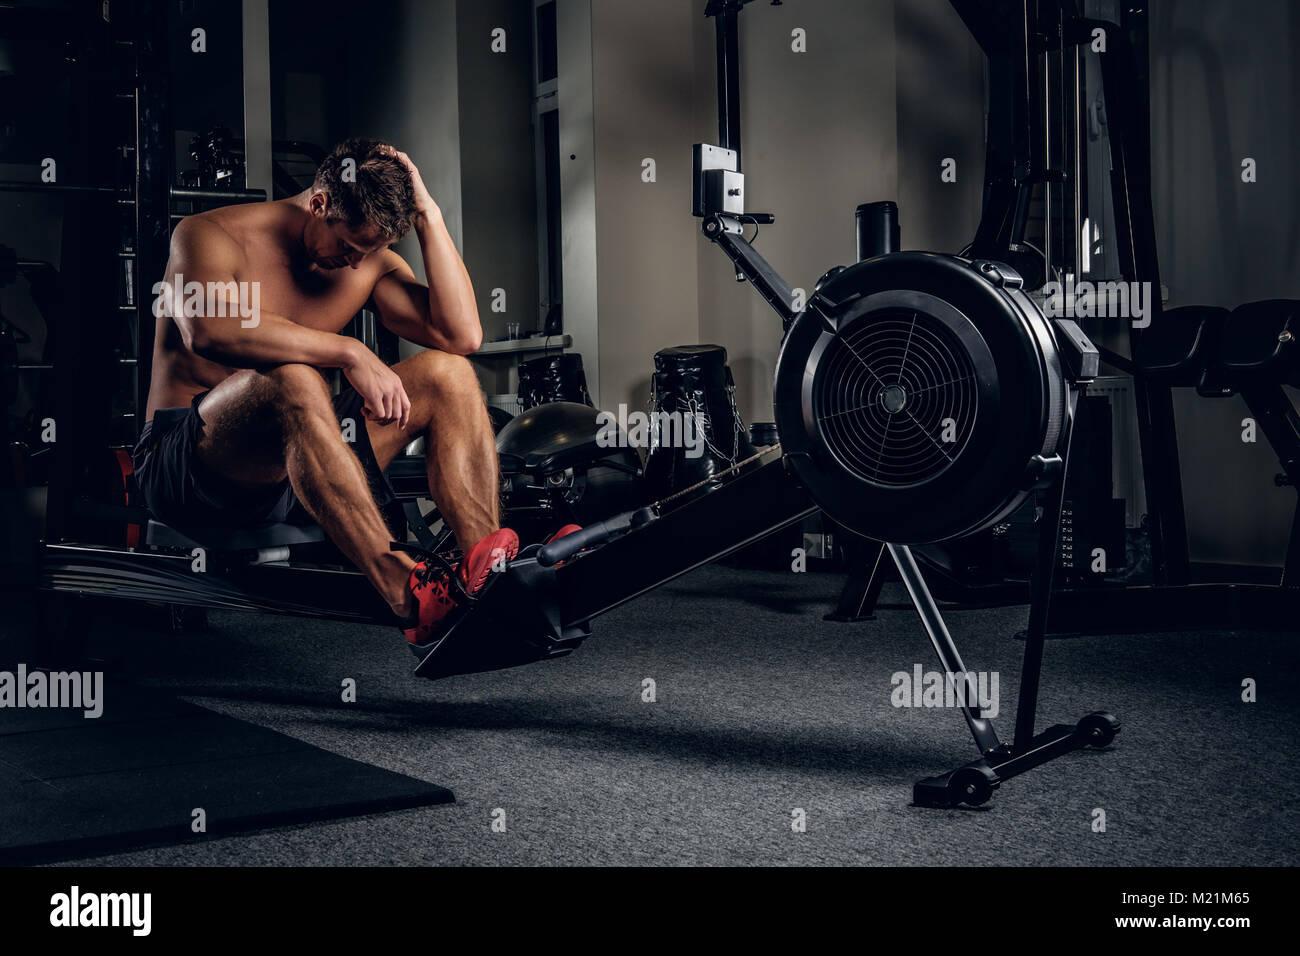 Cansado después de los entrenamientos macho deportivo en alimentación máquina de ejercicio. Imagen De Stock